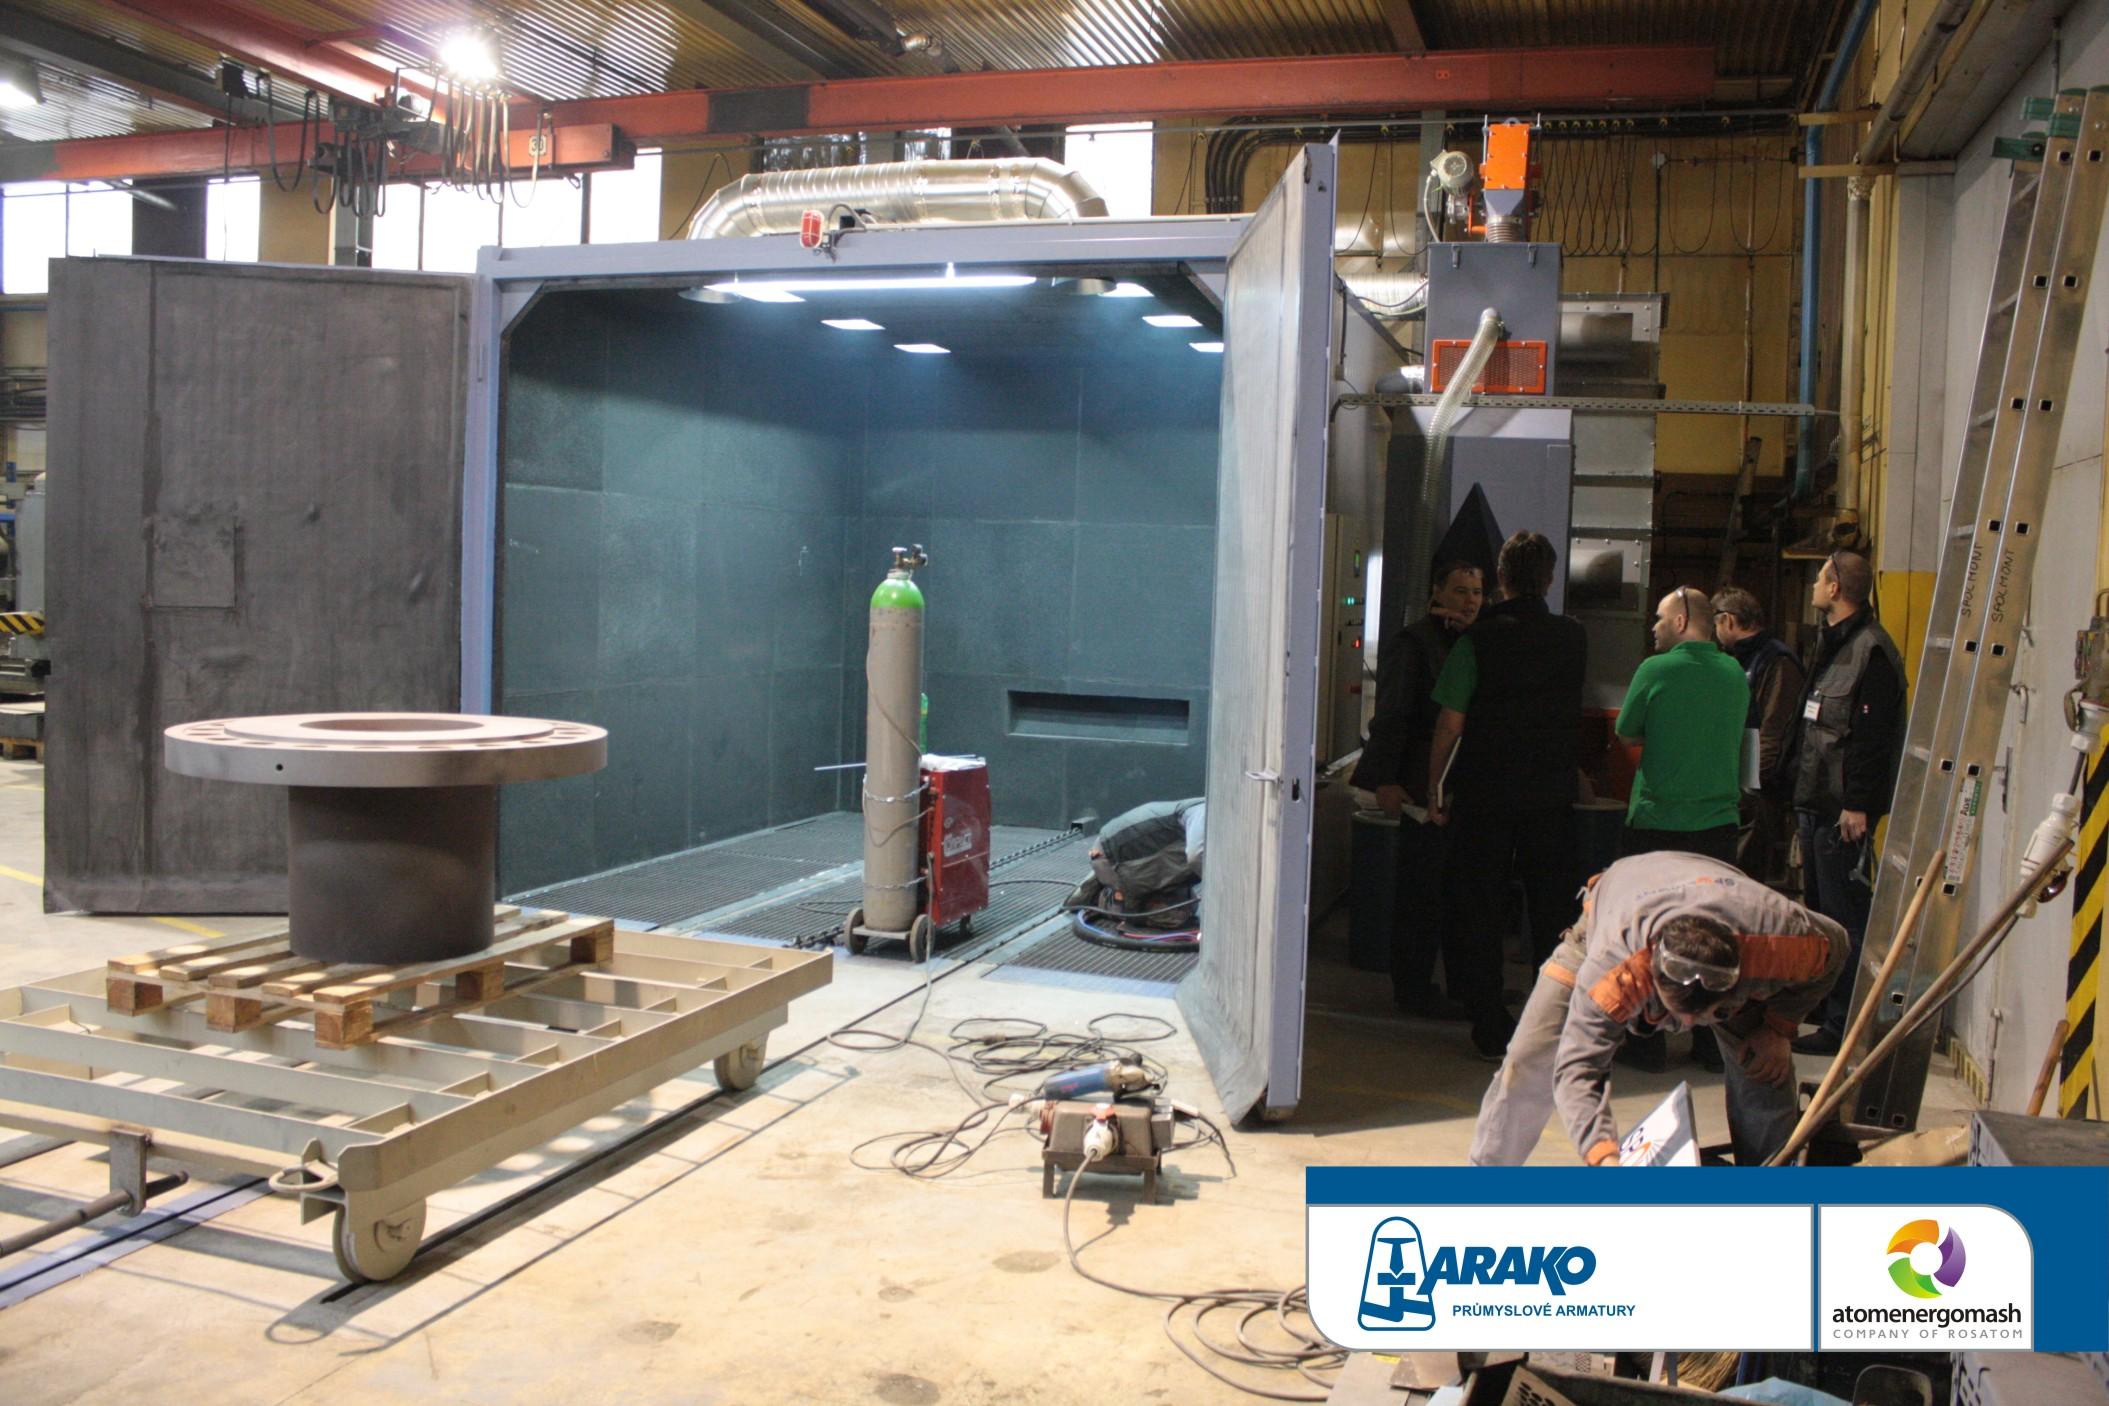 Společnost ARAKO spol. s r.o., přední výrobce průmyslových armatur, rozšiřuje své kooperační a výrob...